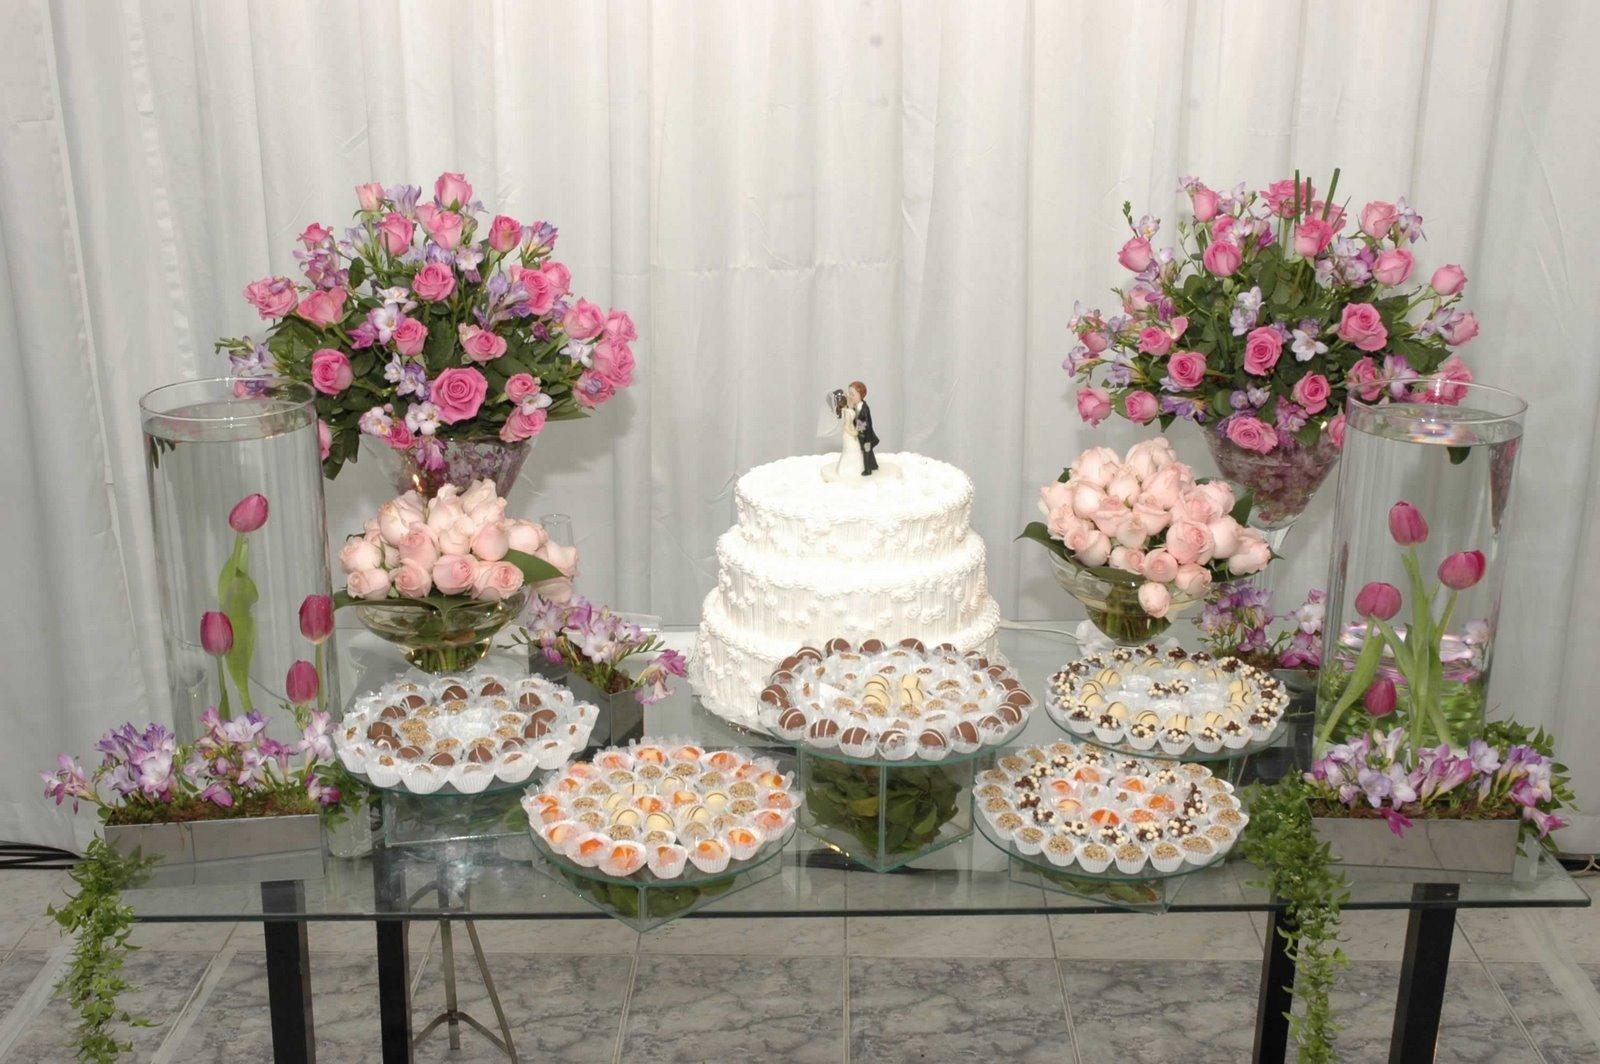 decoracao e casamento:Decoracao De Casamento Mesa